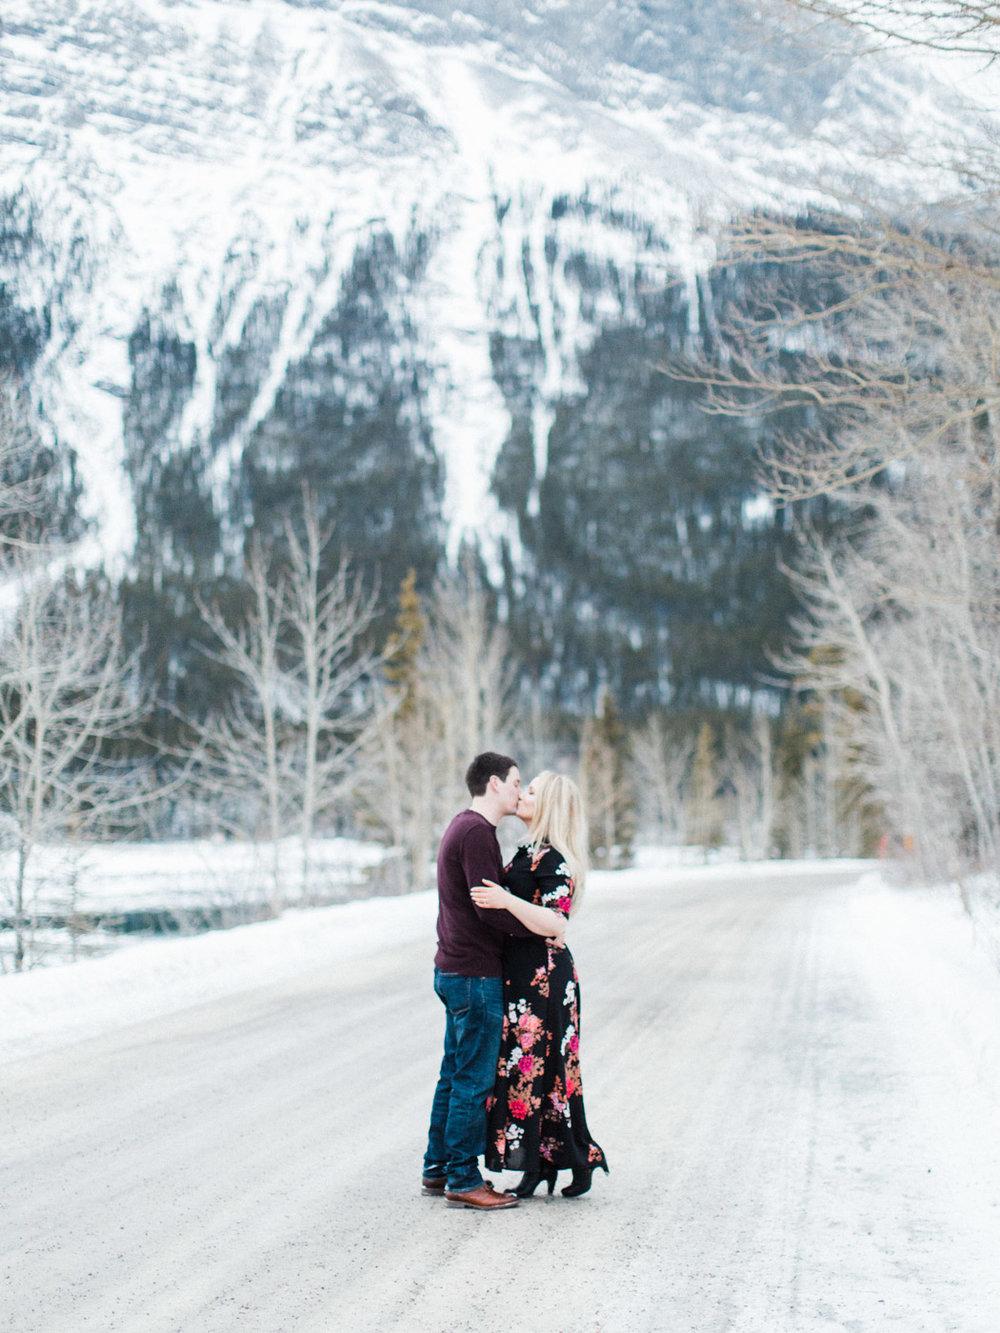 destination-engagement-photographer-adventurous-mountain-couples-session-79.jpg